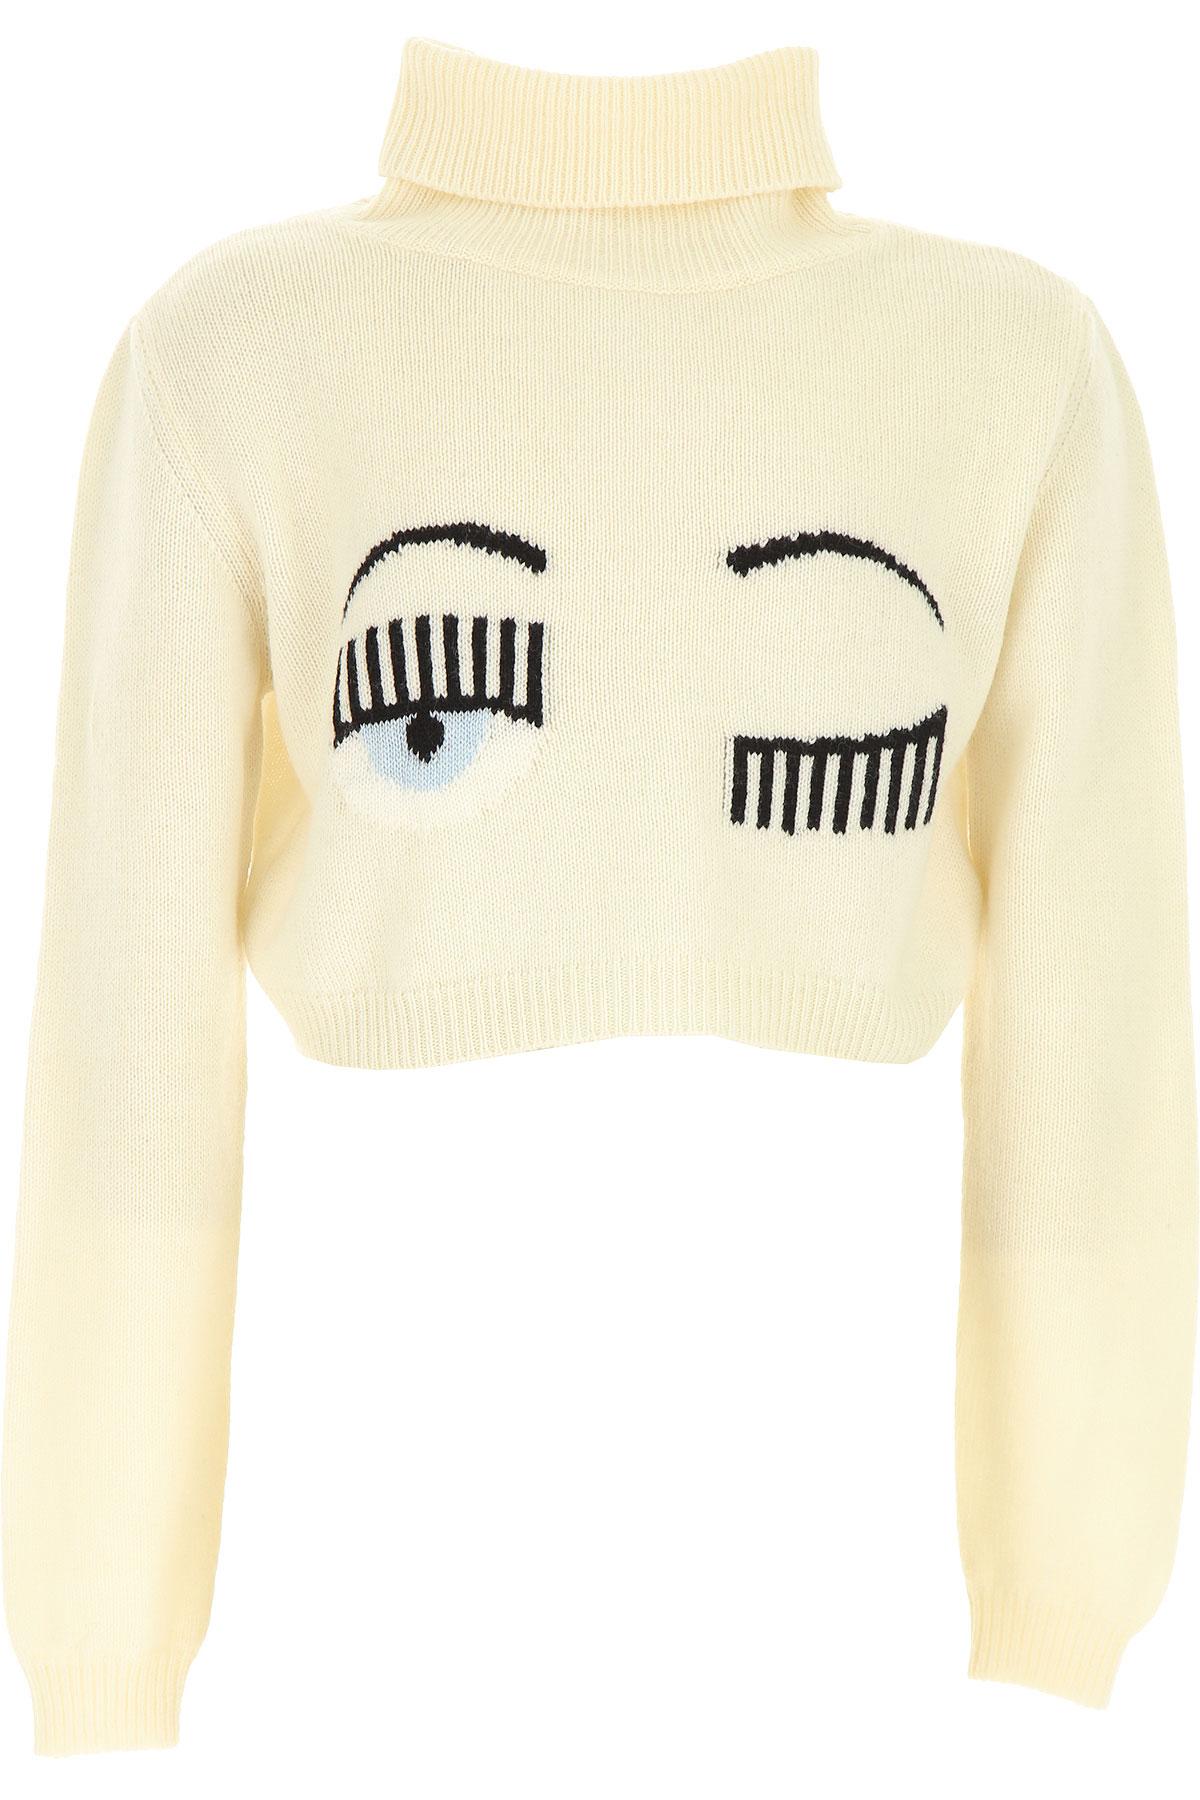 Chiara Ferragni Kids Sweaters for Girls On Sale, White, Wool, 2019, 10Y 8Y